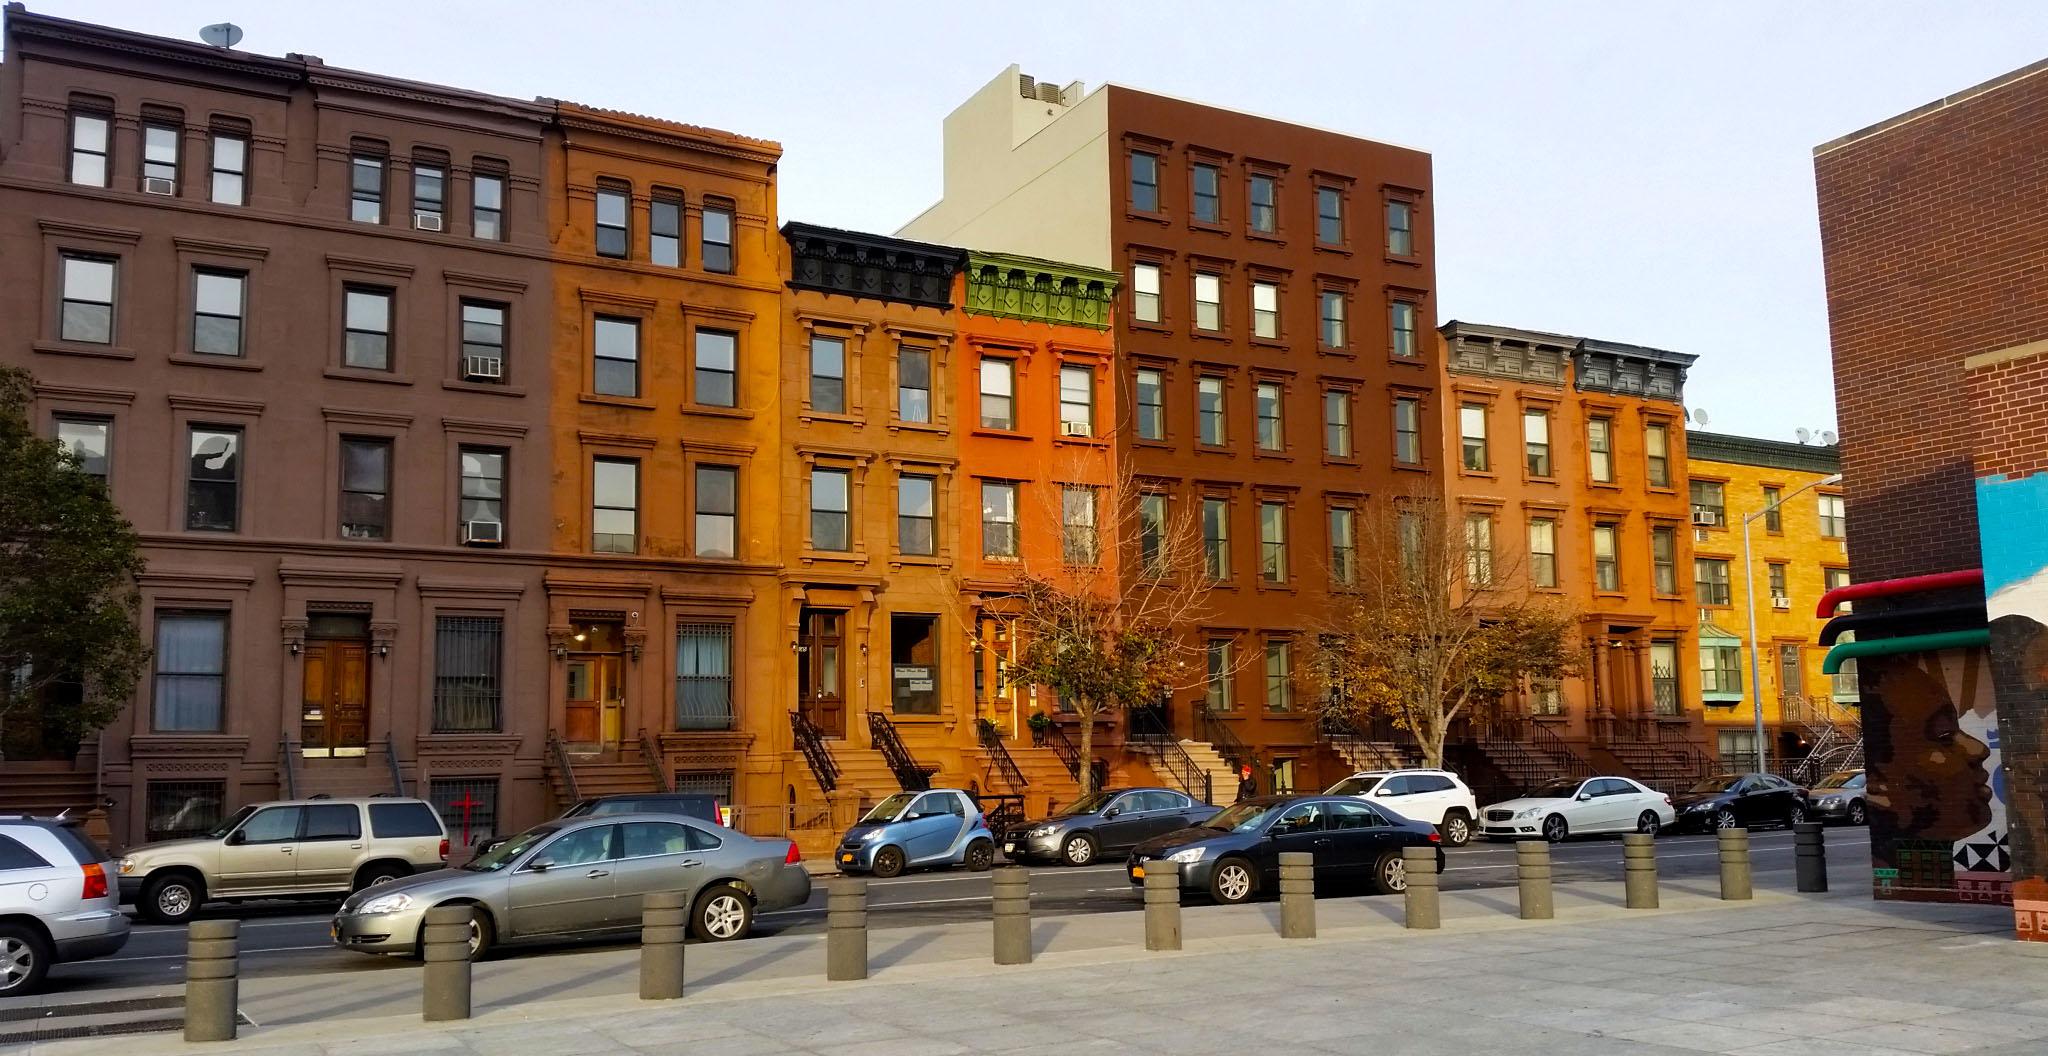 découvrez le quartier d'Harlem et mon authentique recette du banoffee cake.